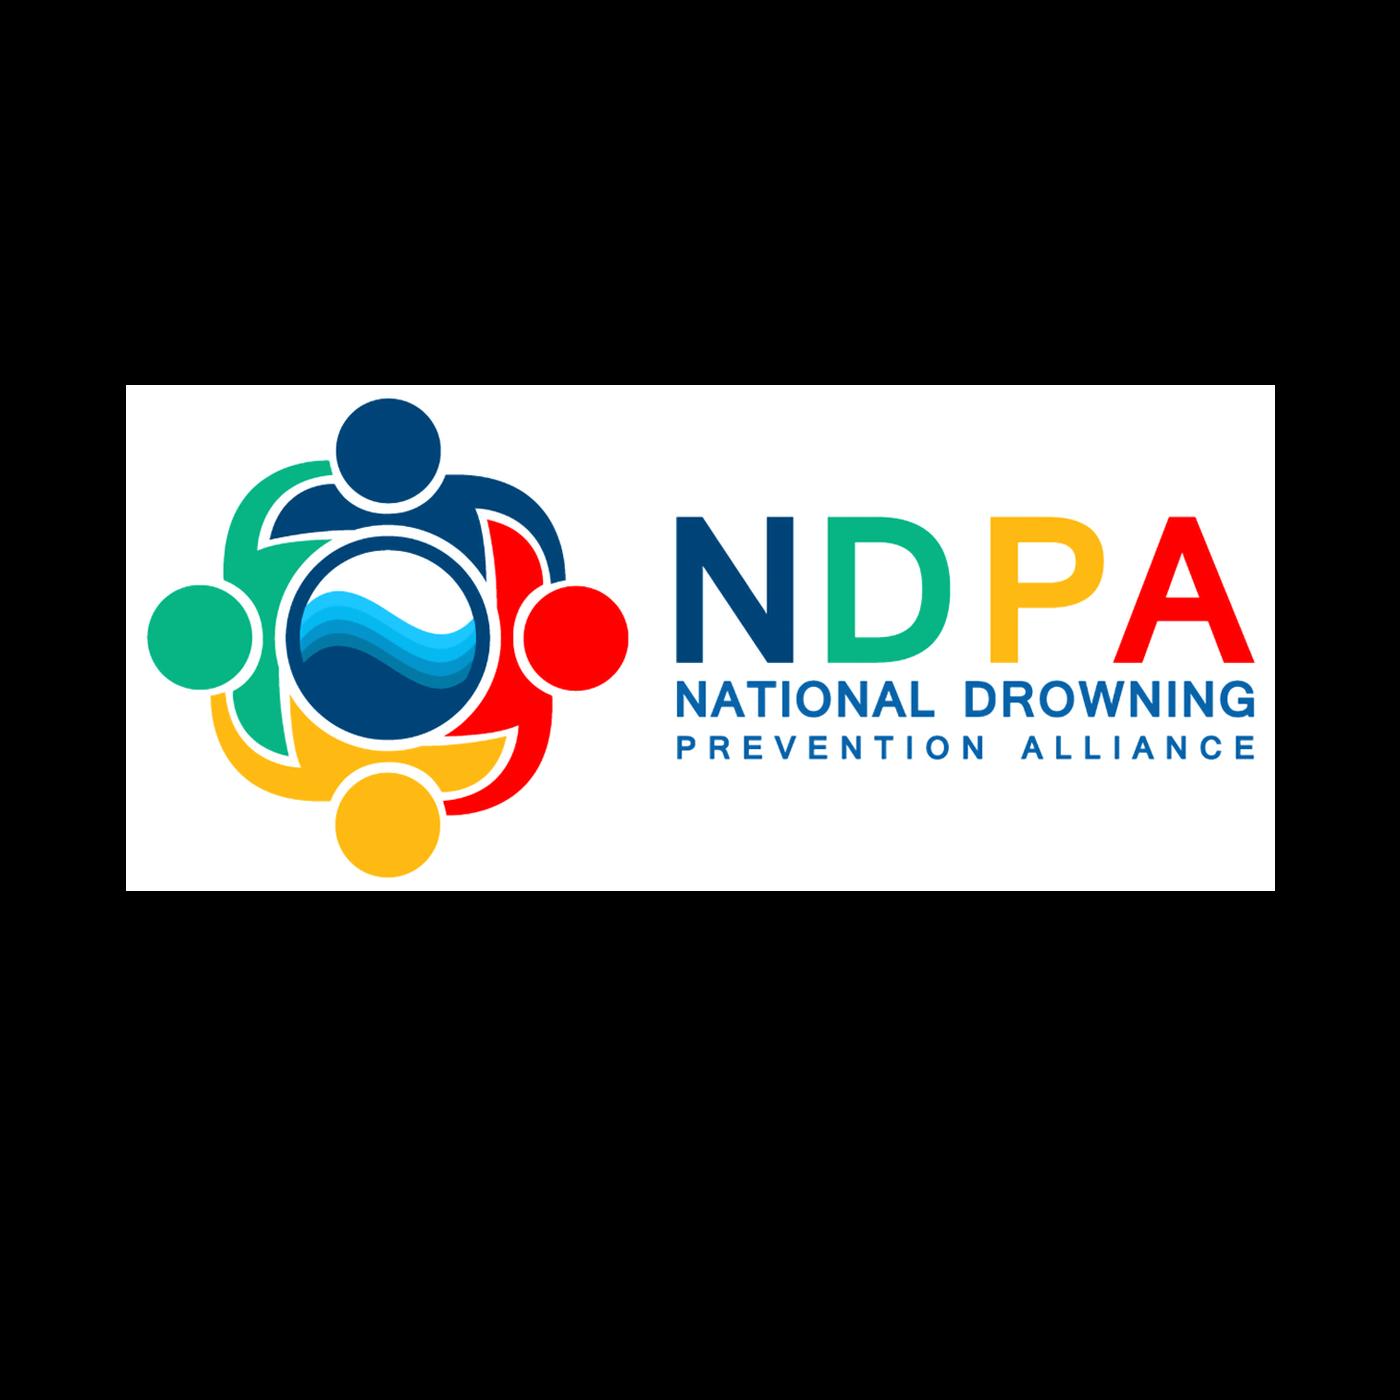 logo-Natl-Drowning-Prevention-Alliance-member